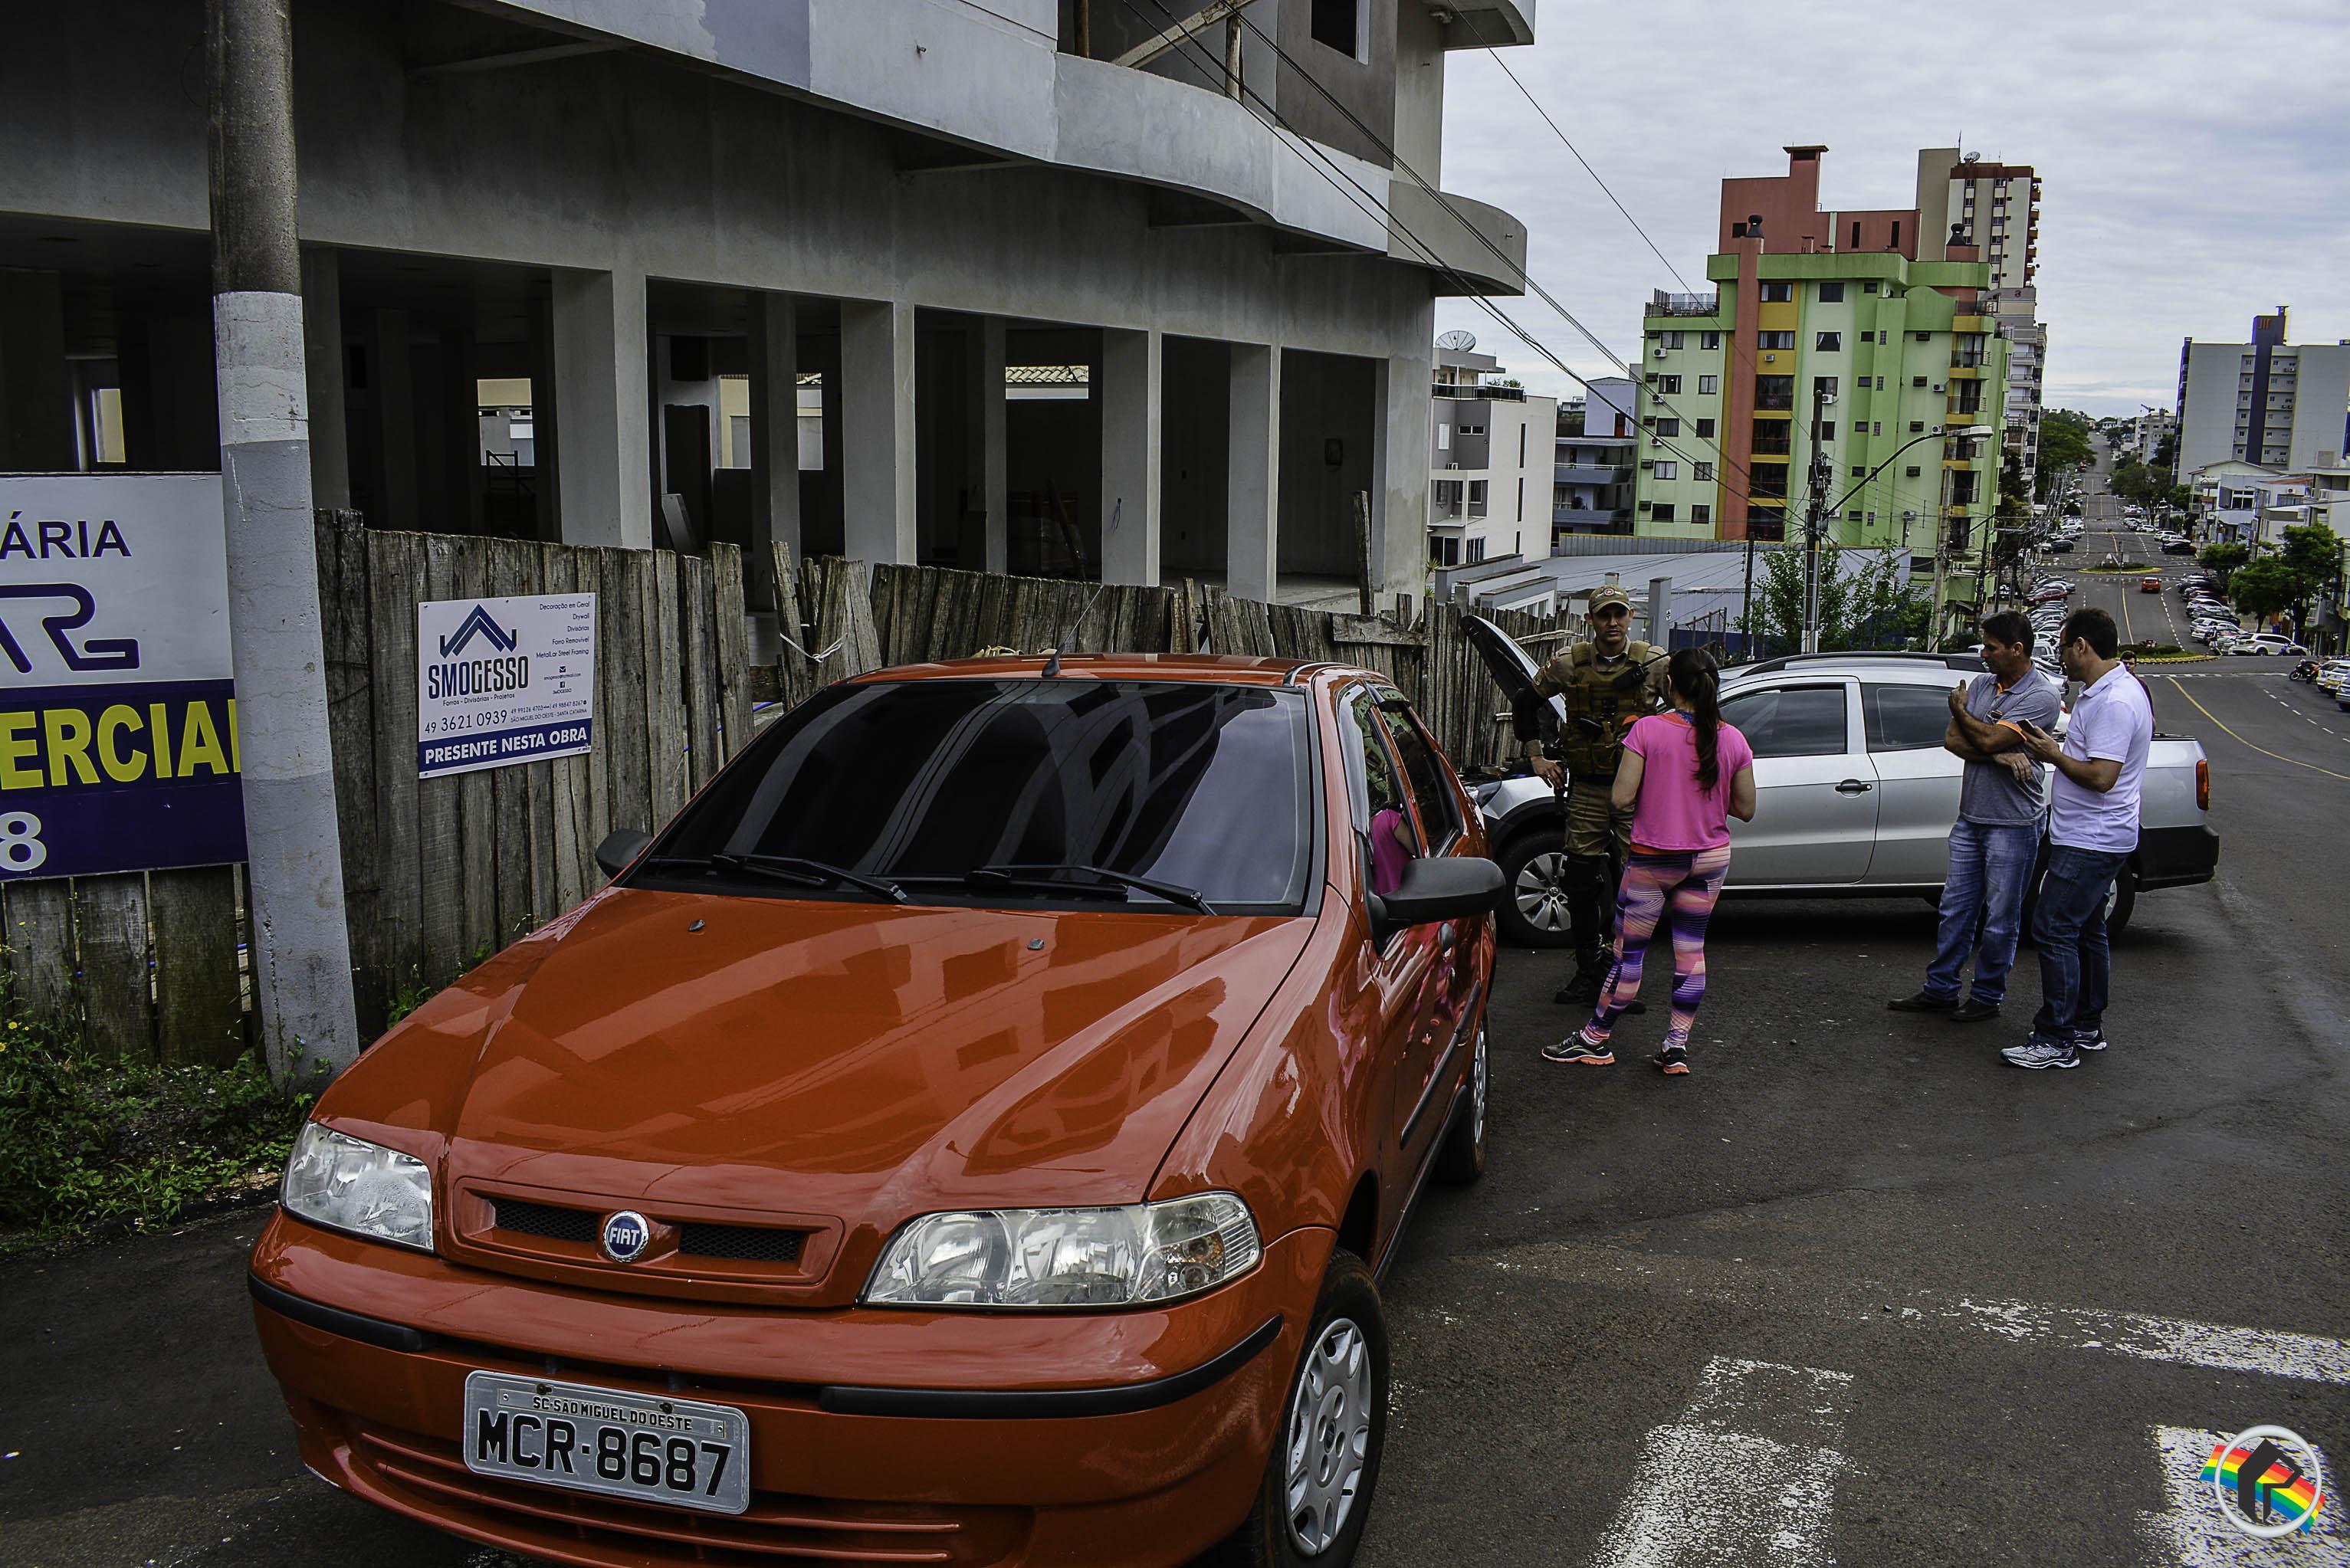 Mulher perde controle de veículo e colide contra outros três veículos estacionados